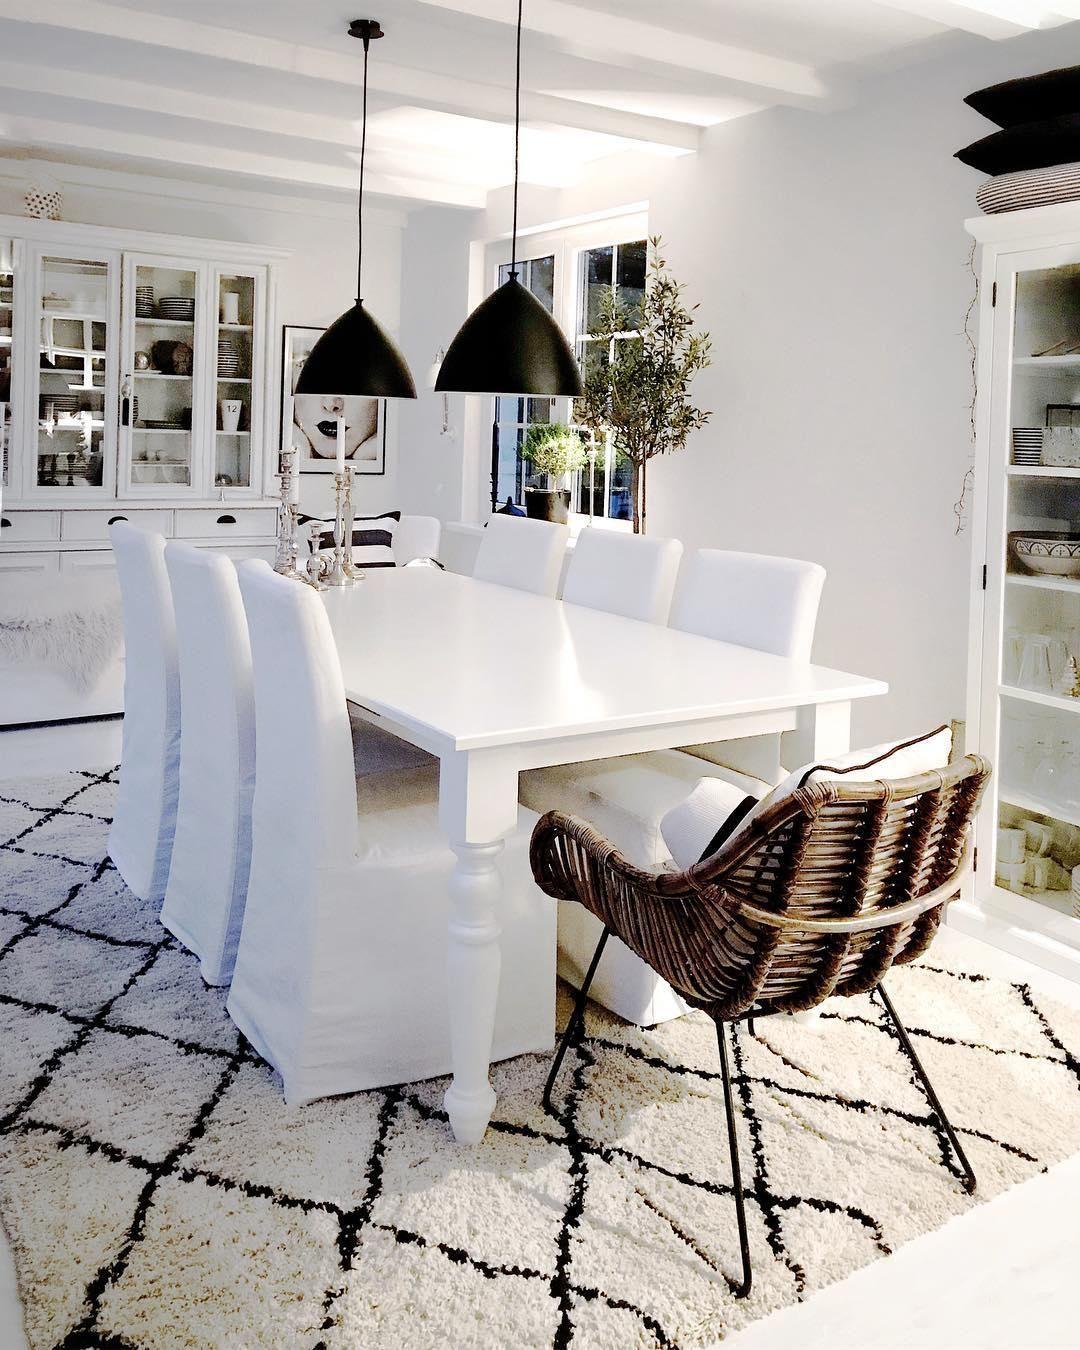 Handgetufteter Teppich Naima | Pinterest | elegantes Esszimmer ...